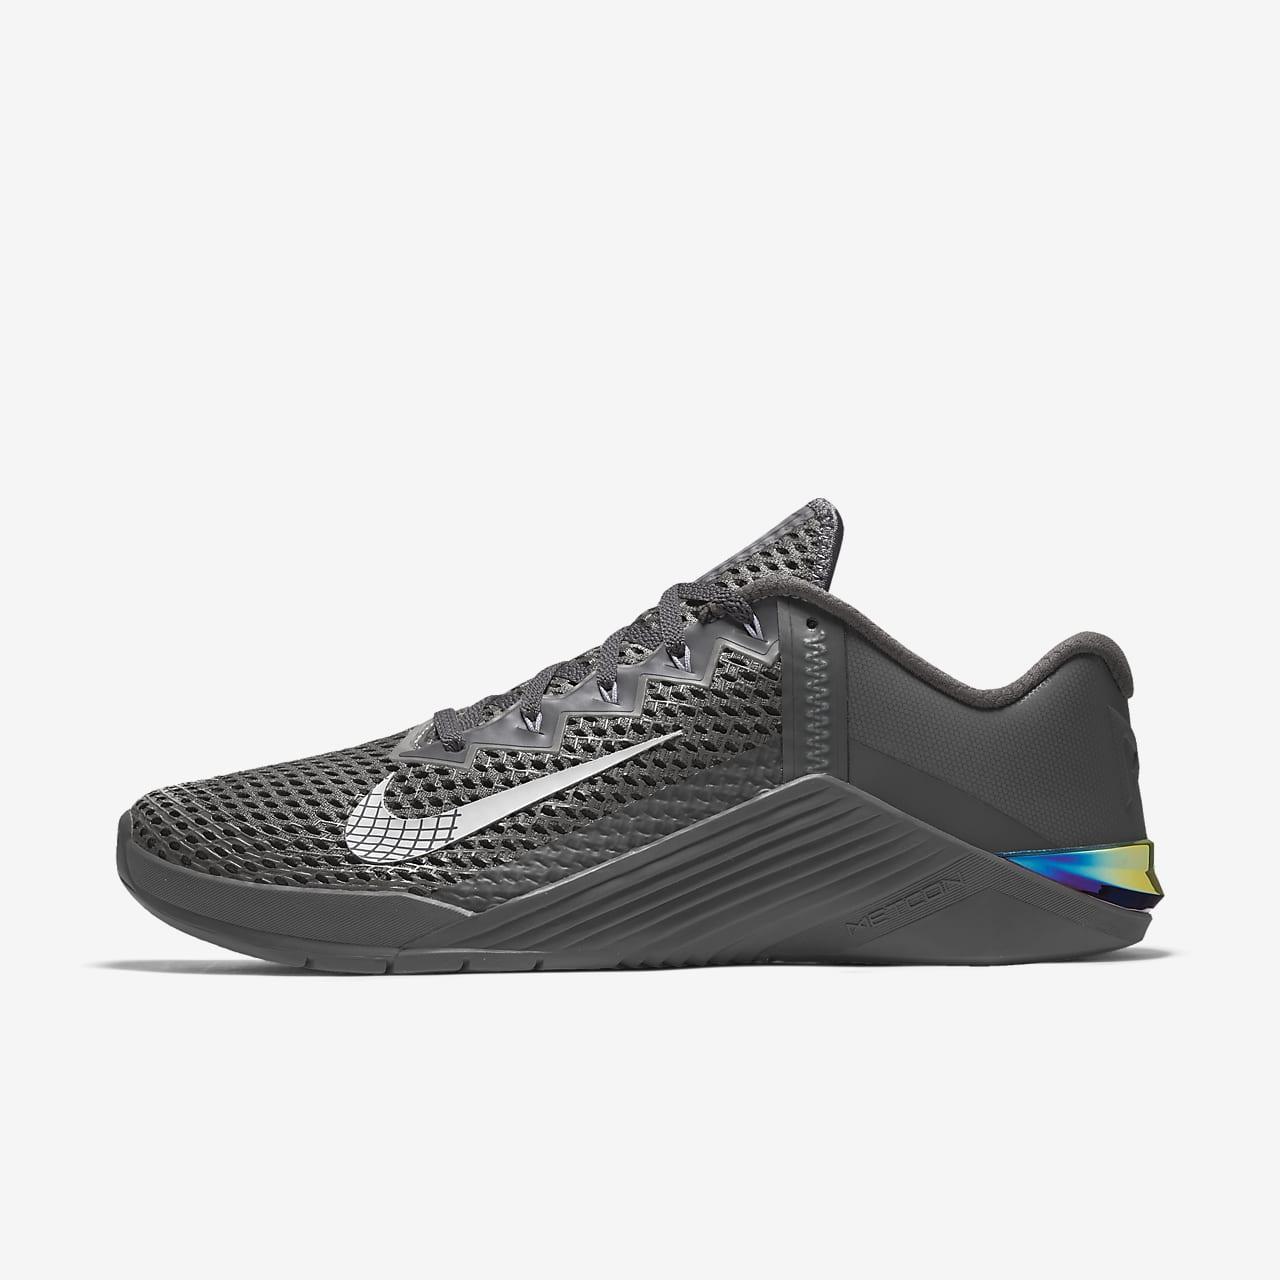 Nike Metcon 6 By You Custom Training Shoe